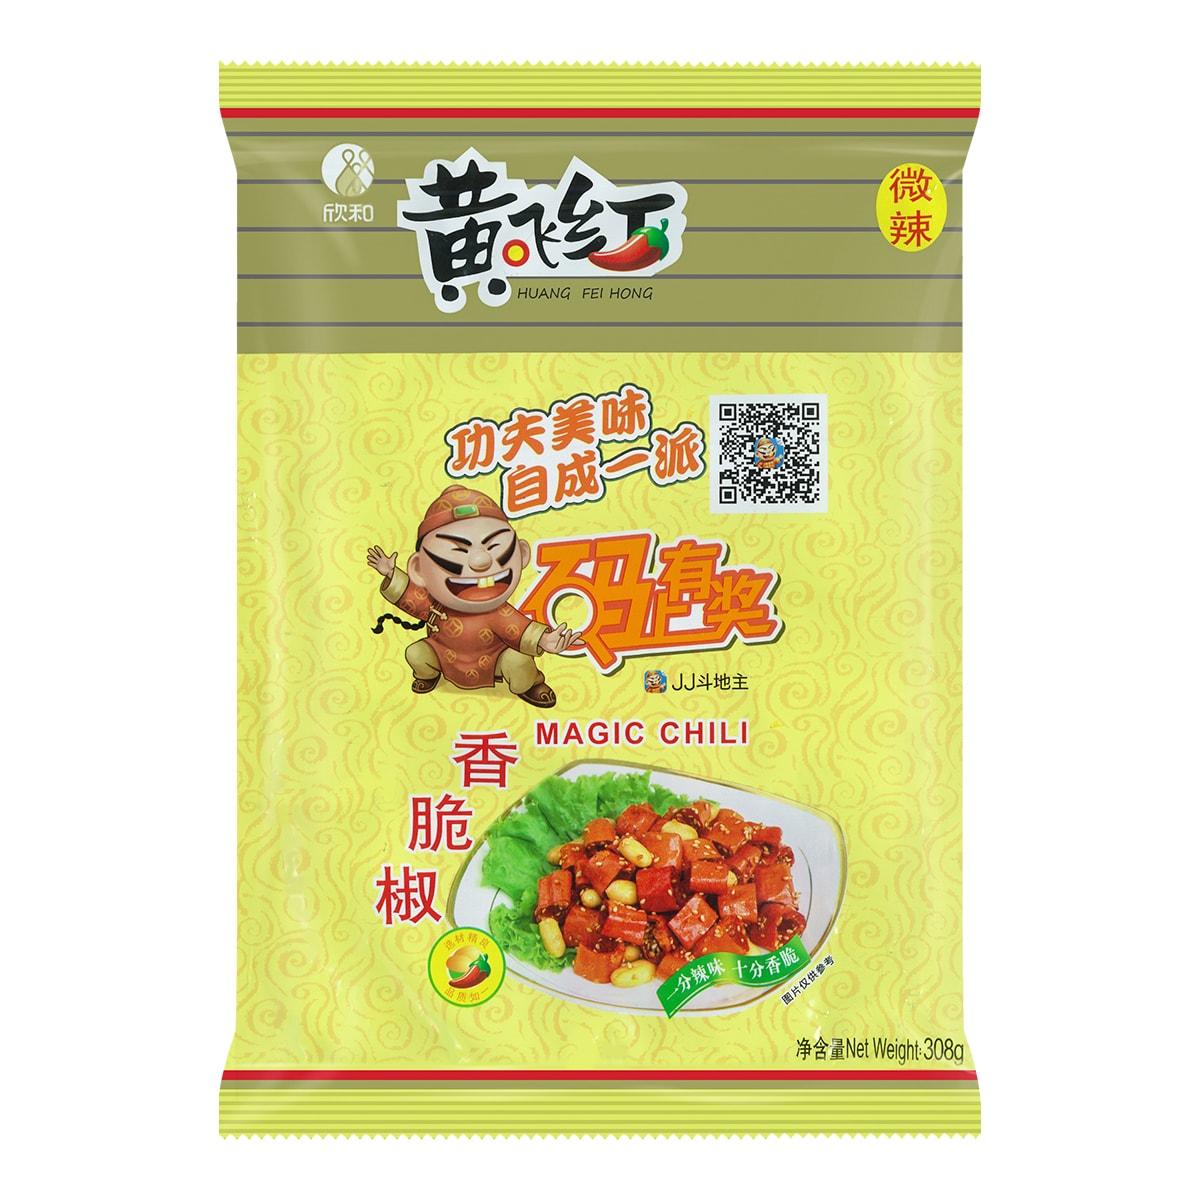 欣和 黄飞红 香脆椒 微辣 308g